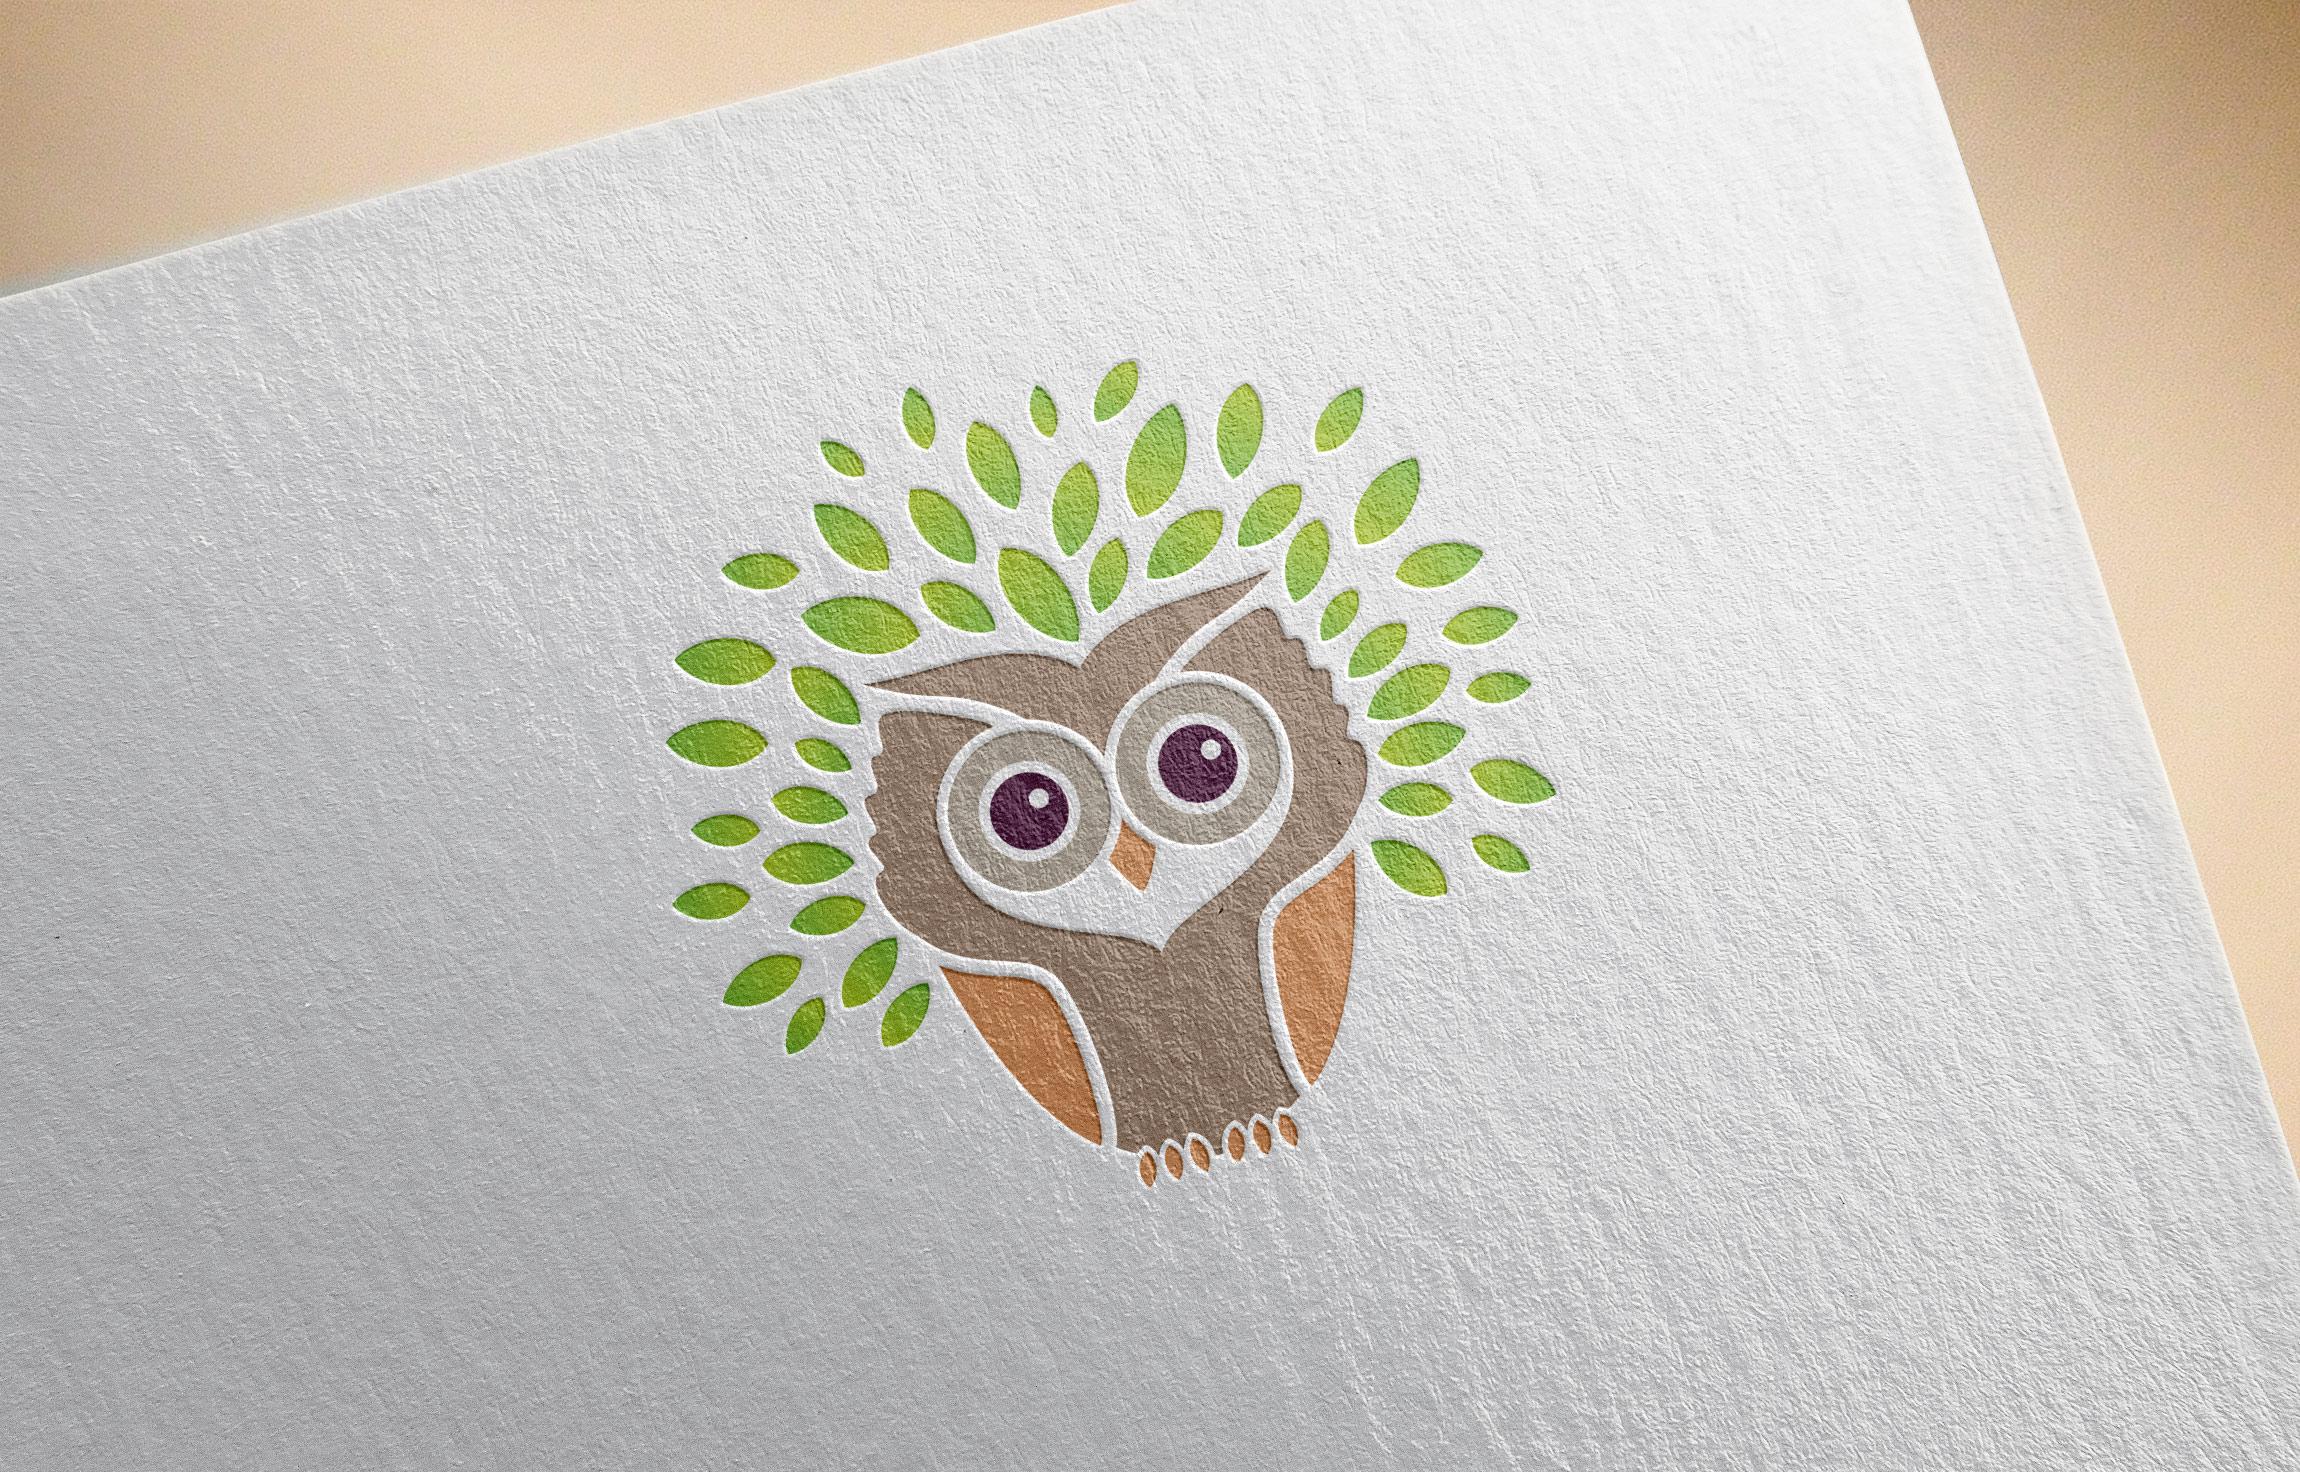 webandesign_logo_owl_1